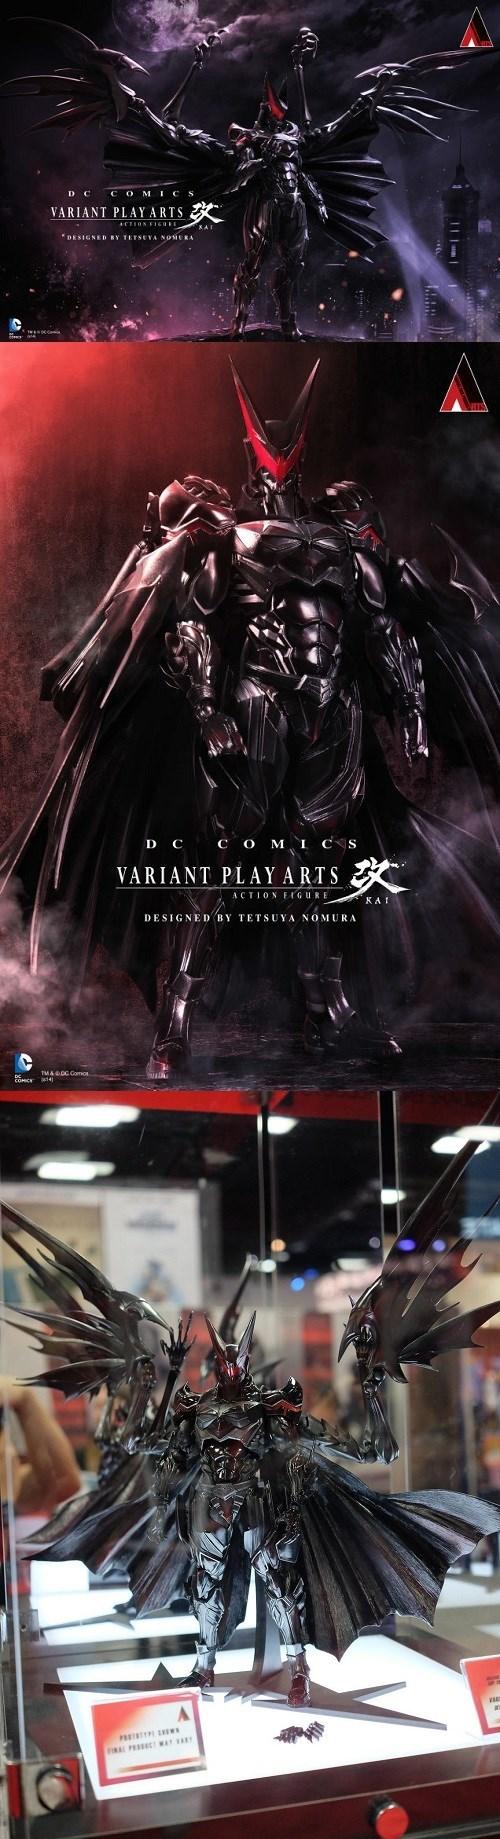 San Diego Comic Con 2014 kingdom hearts tetsuya nomura batman - 8266141440